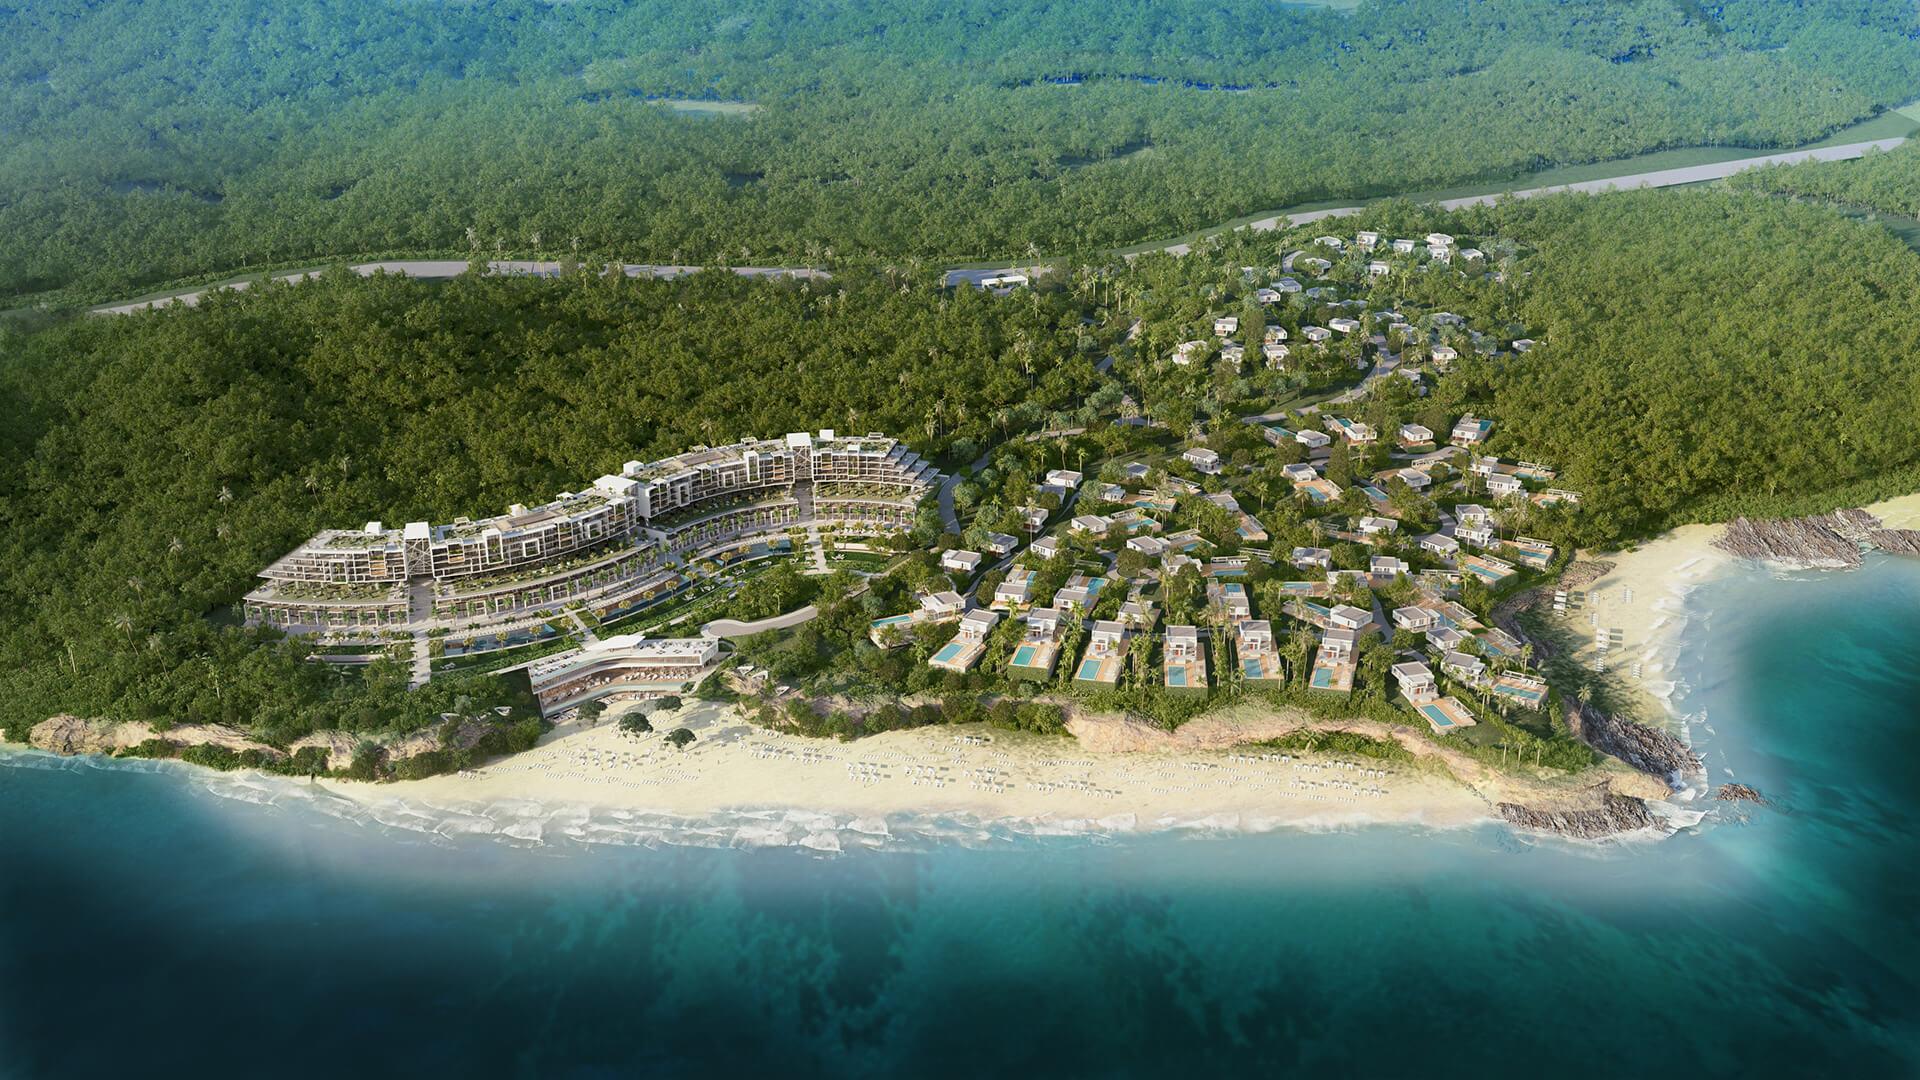 BOLONGO <br/> New condo and villa community